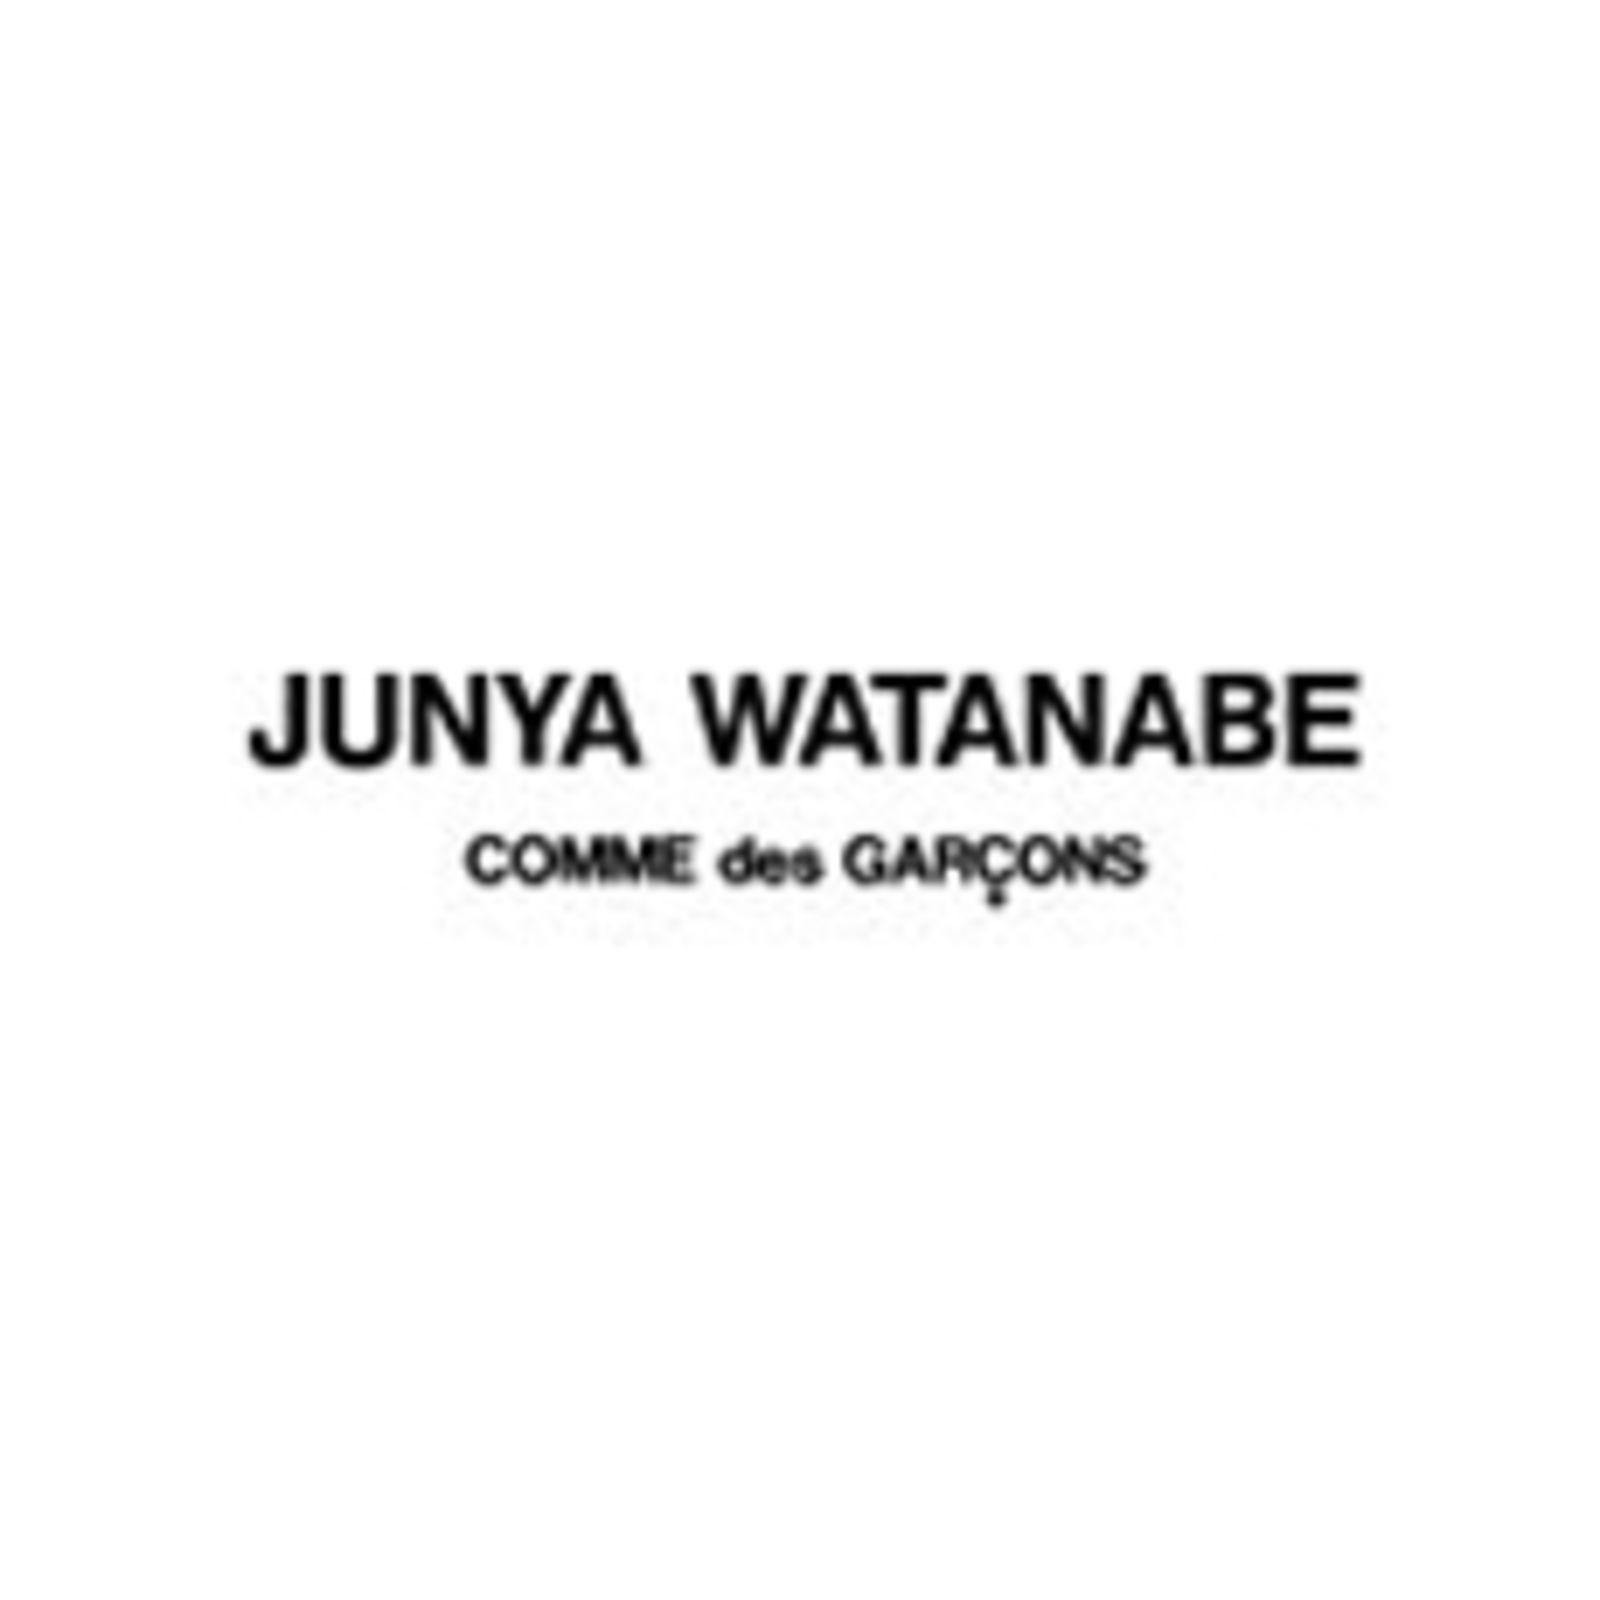 JUNYA WATANABE (Bild 1)